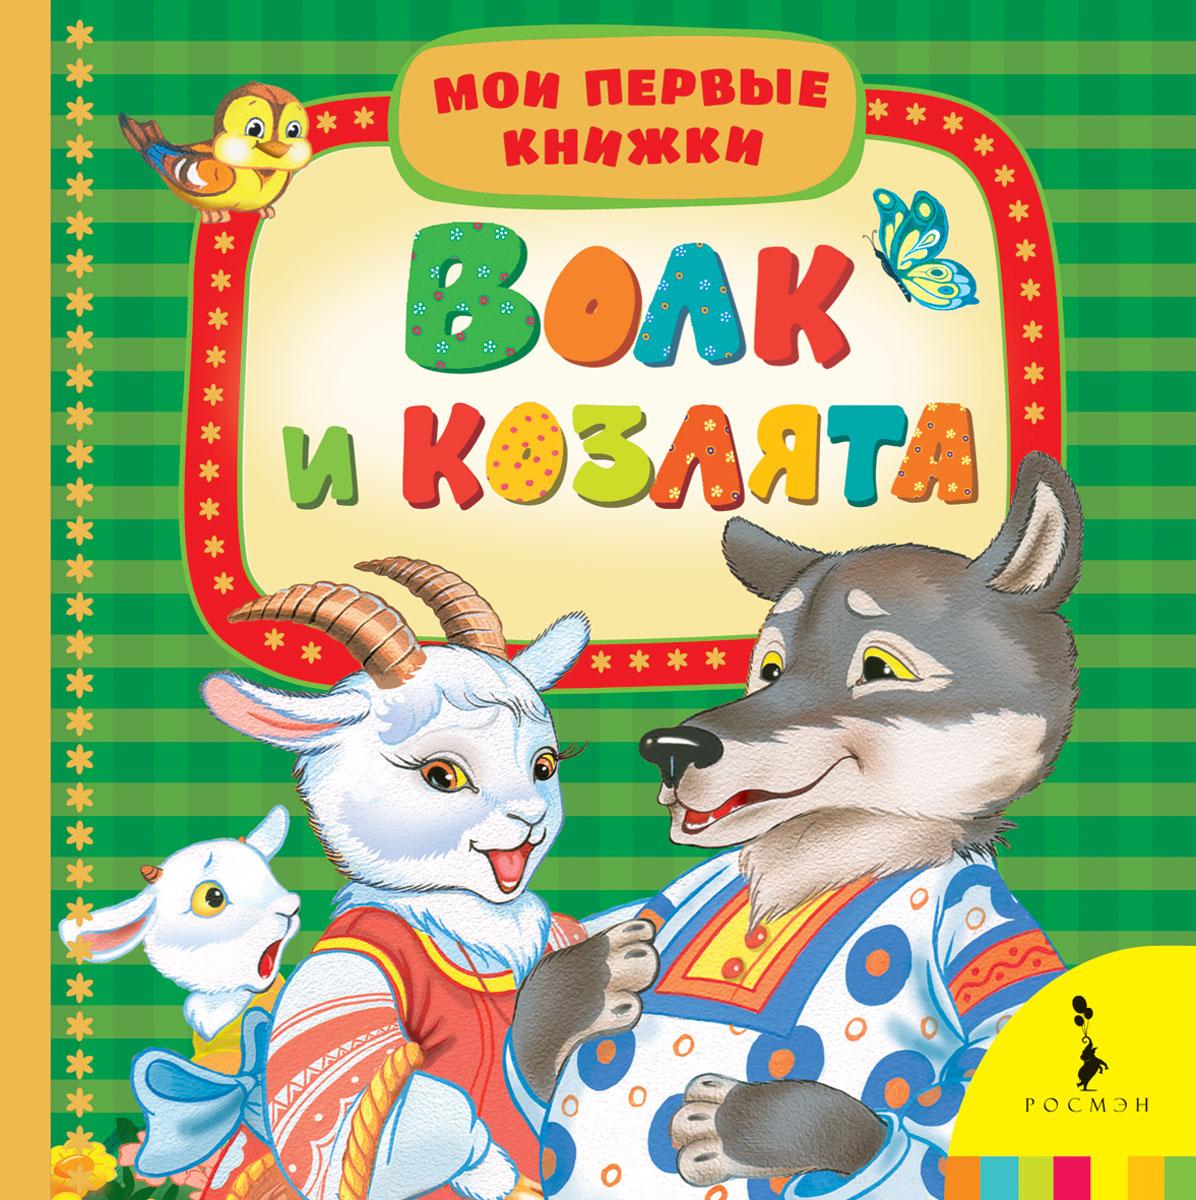 Волк и козлята любимые стихи и сказки малышей